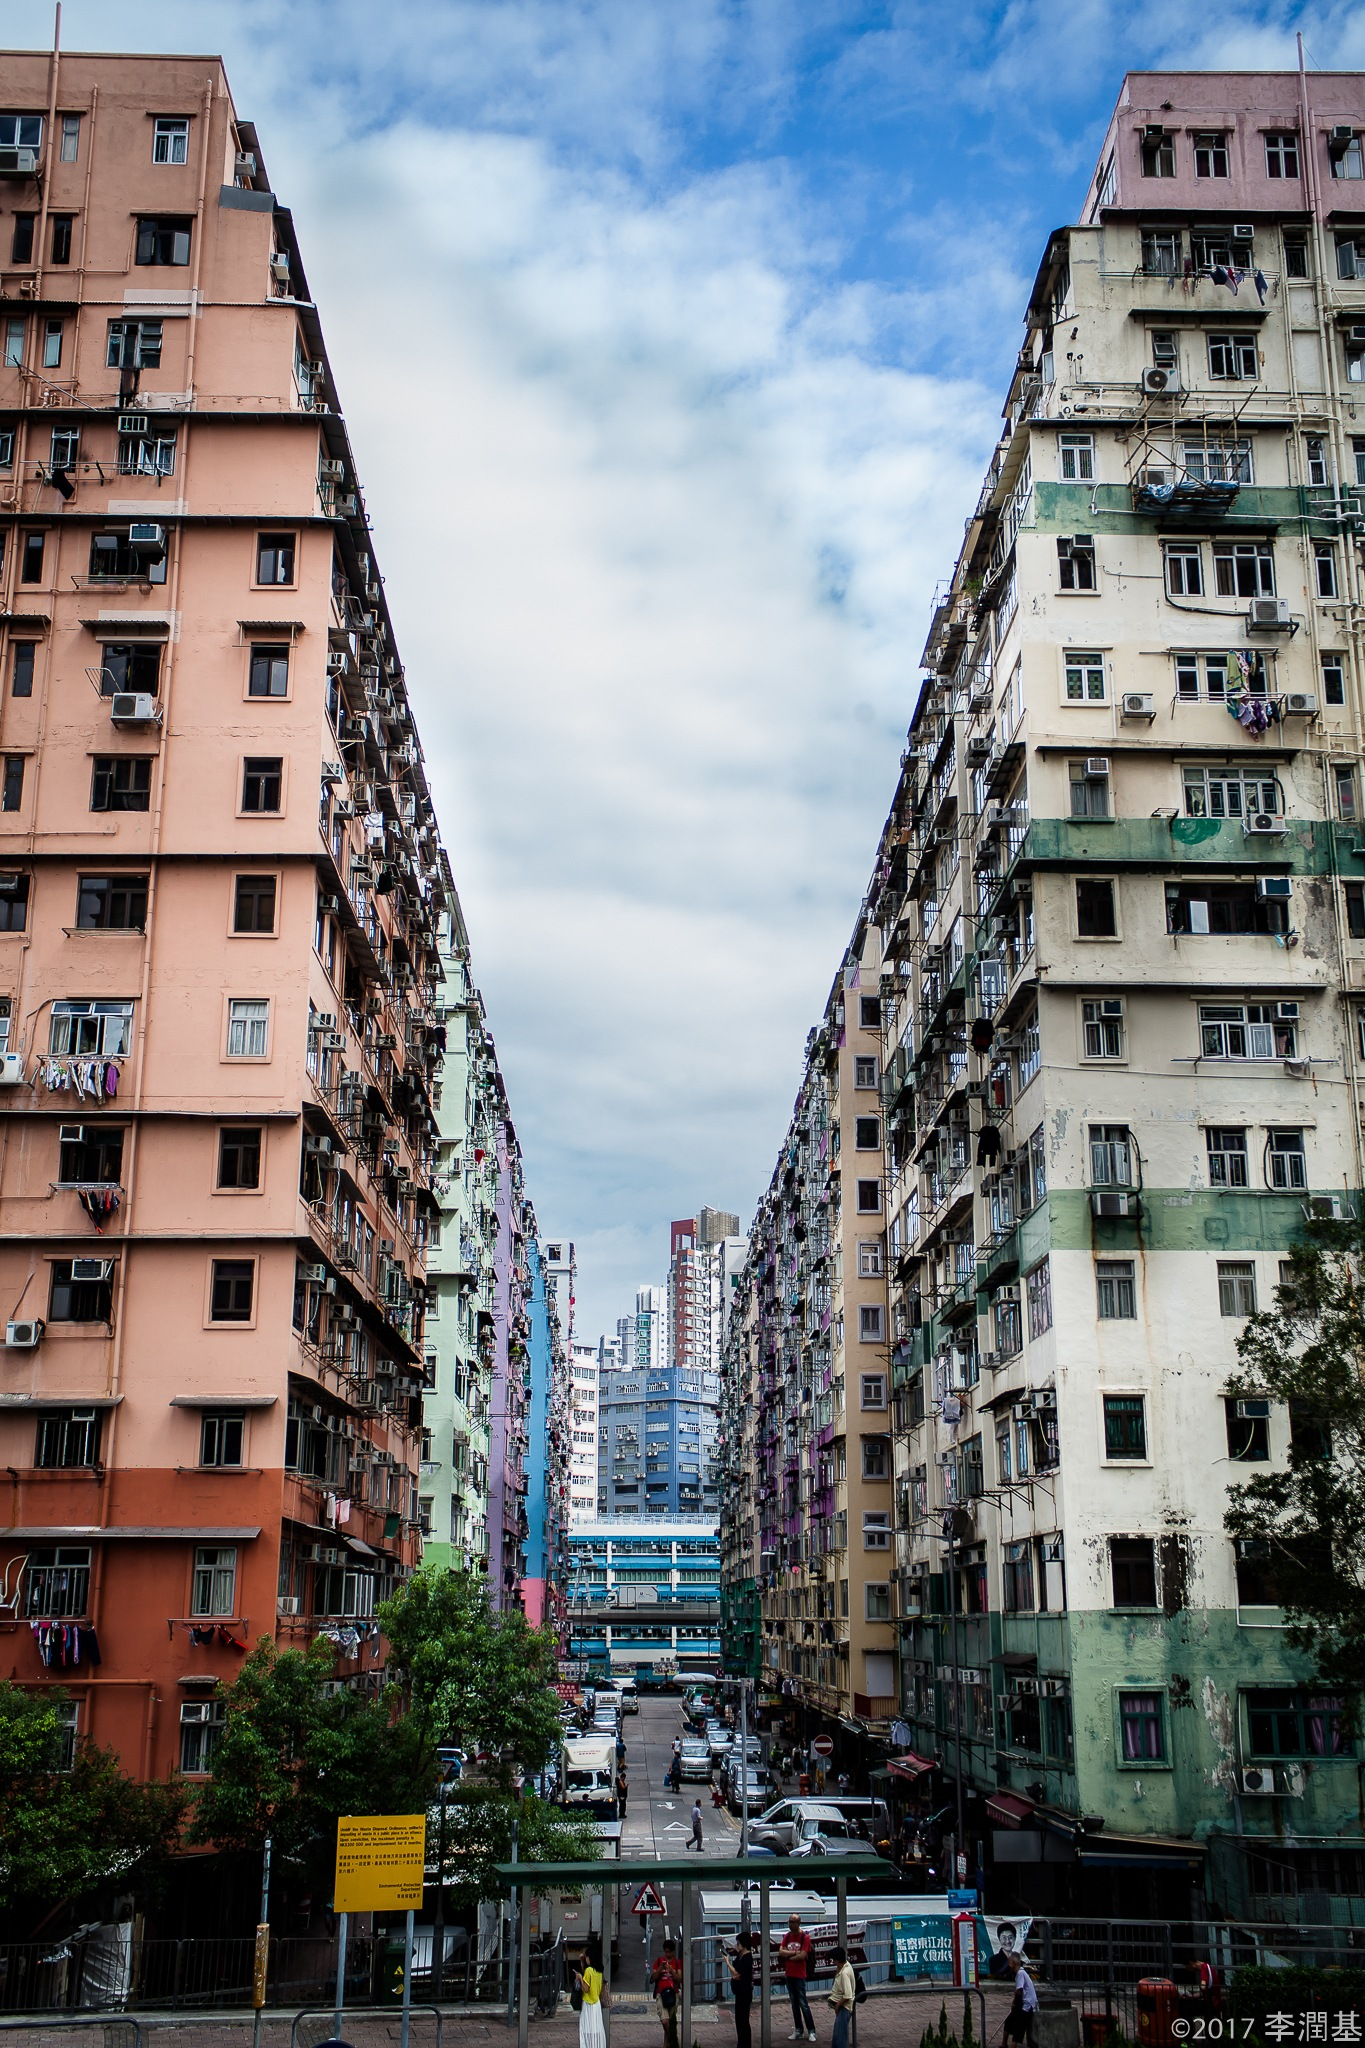 Hong Kong Street by yunkilee